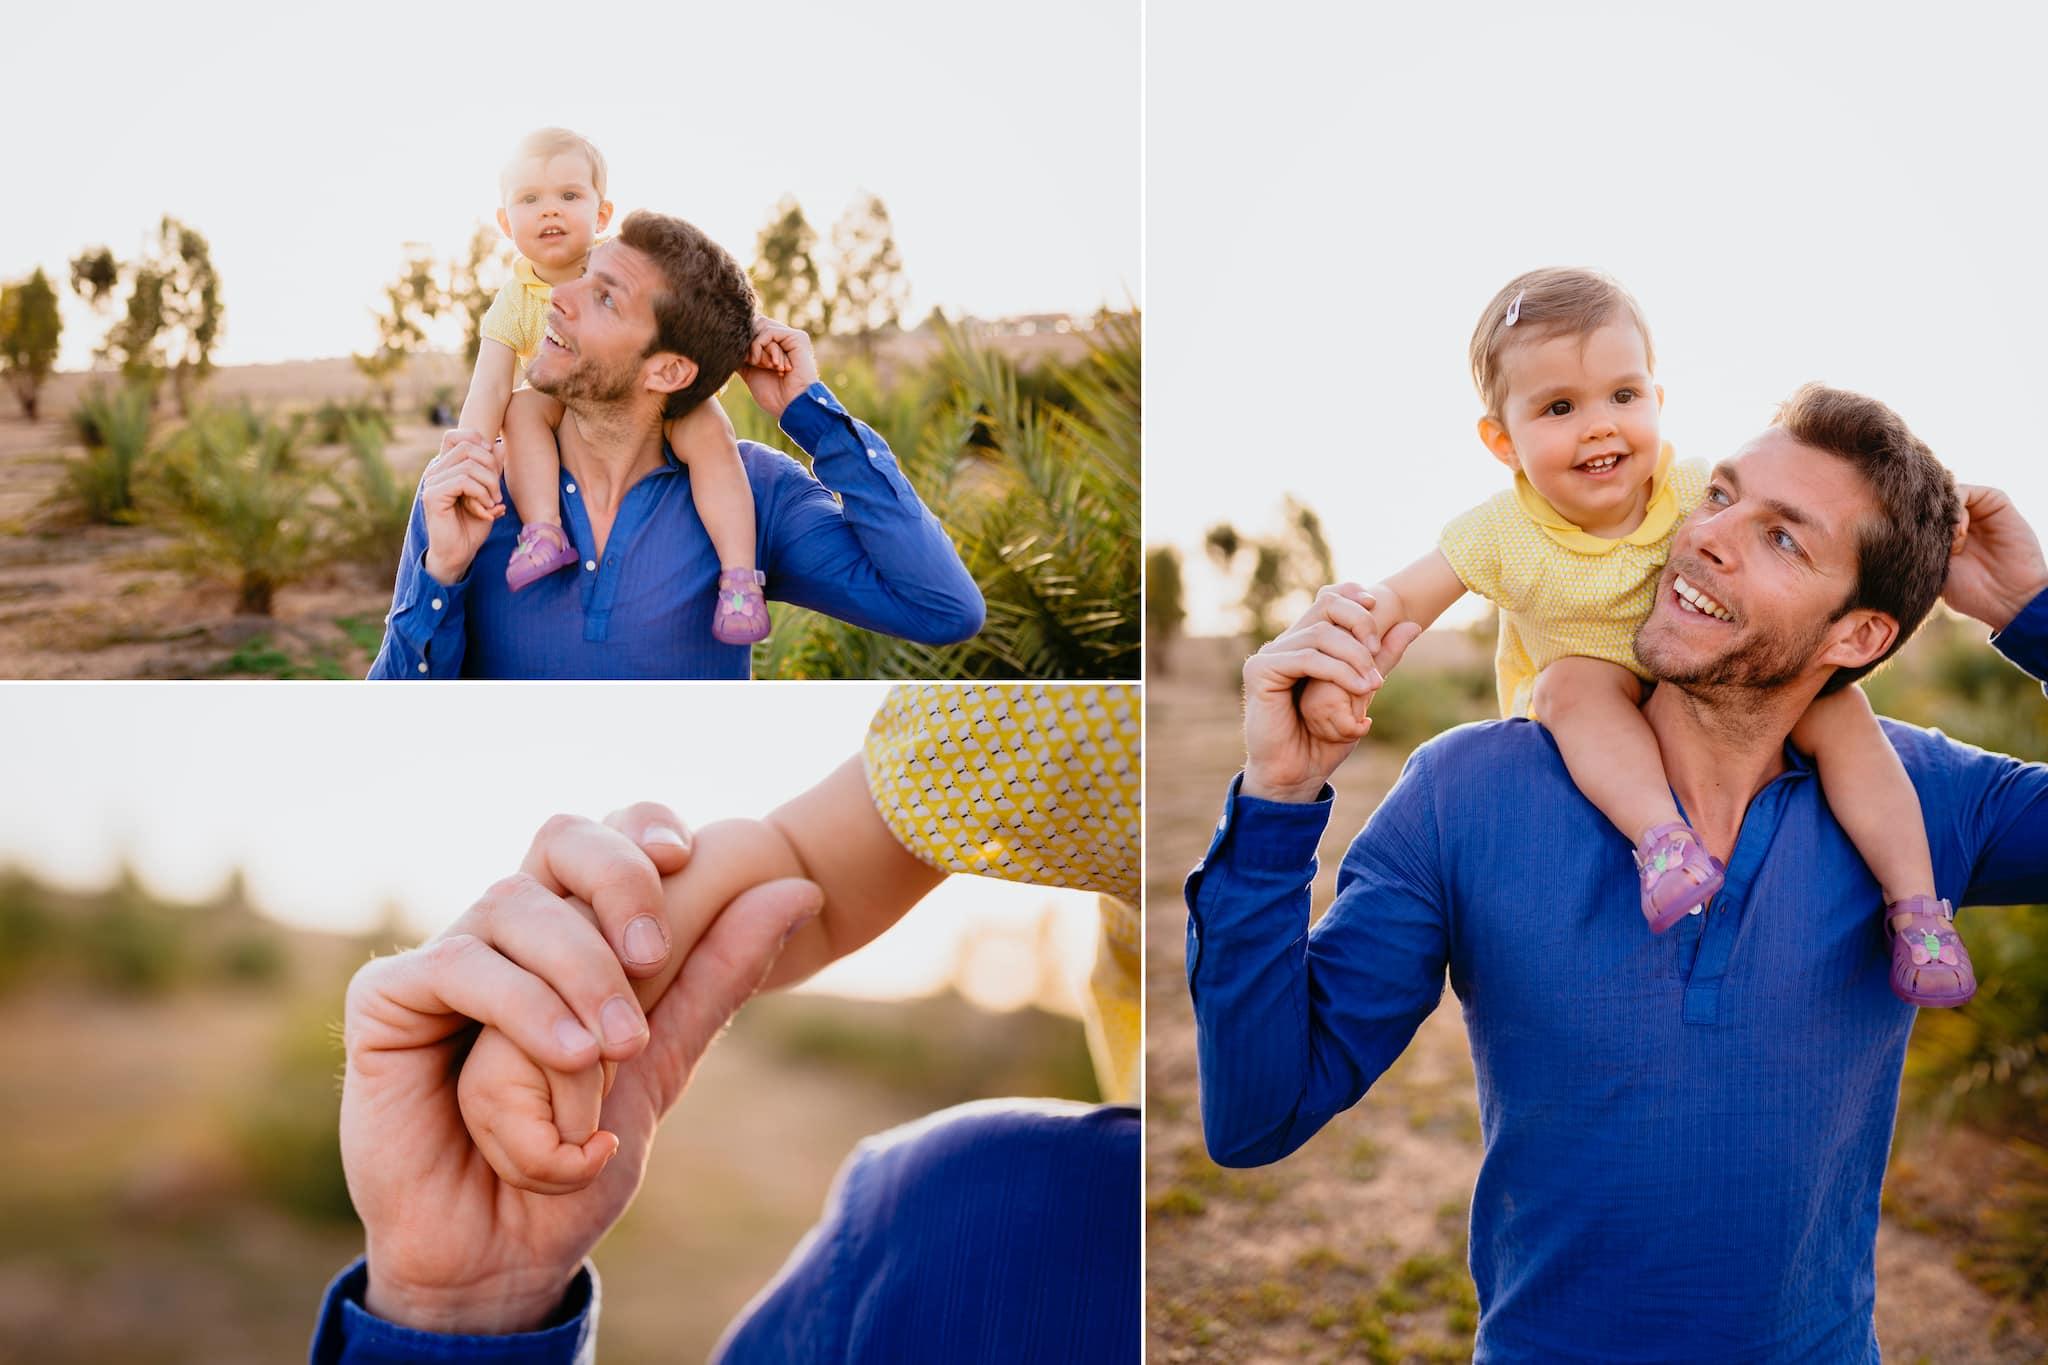 marrakesh ; maroc ; photographe ; séance photo ; père et fille